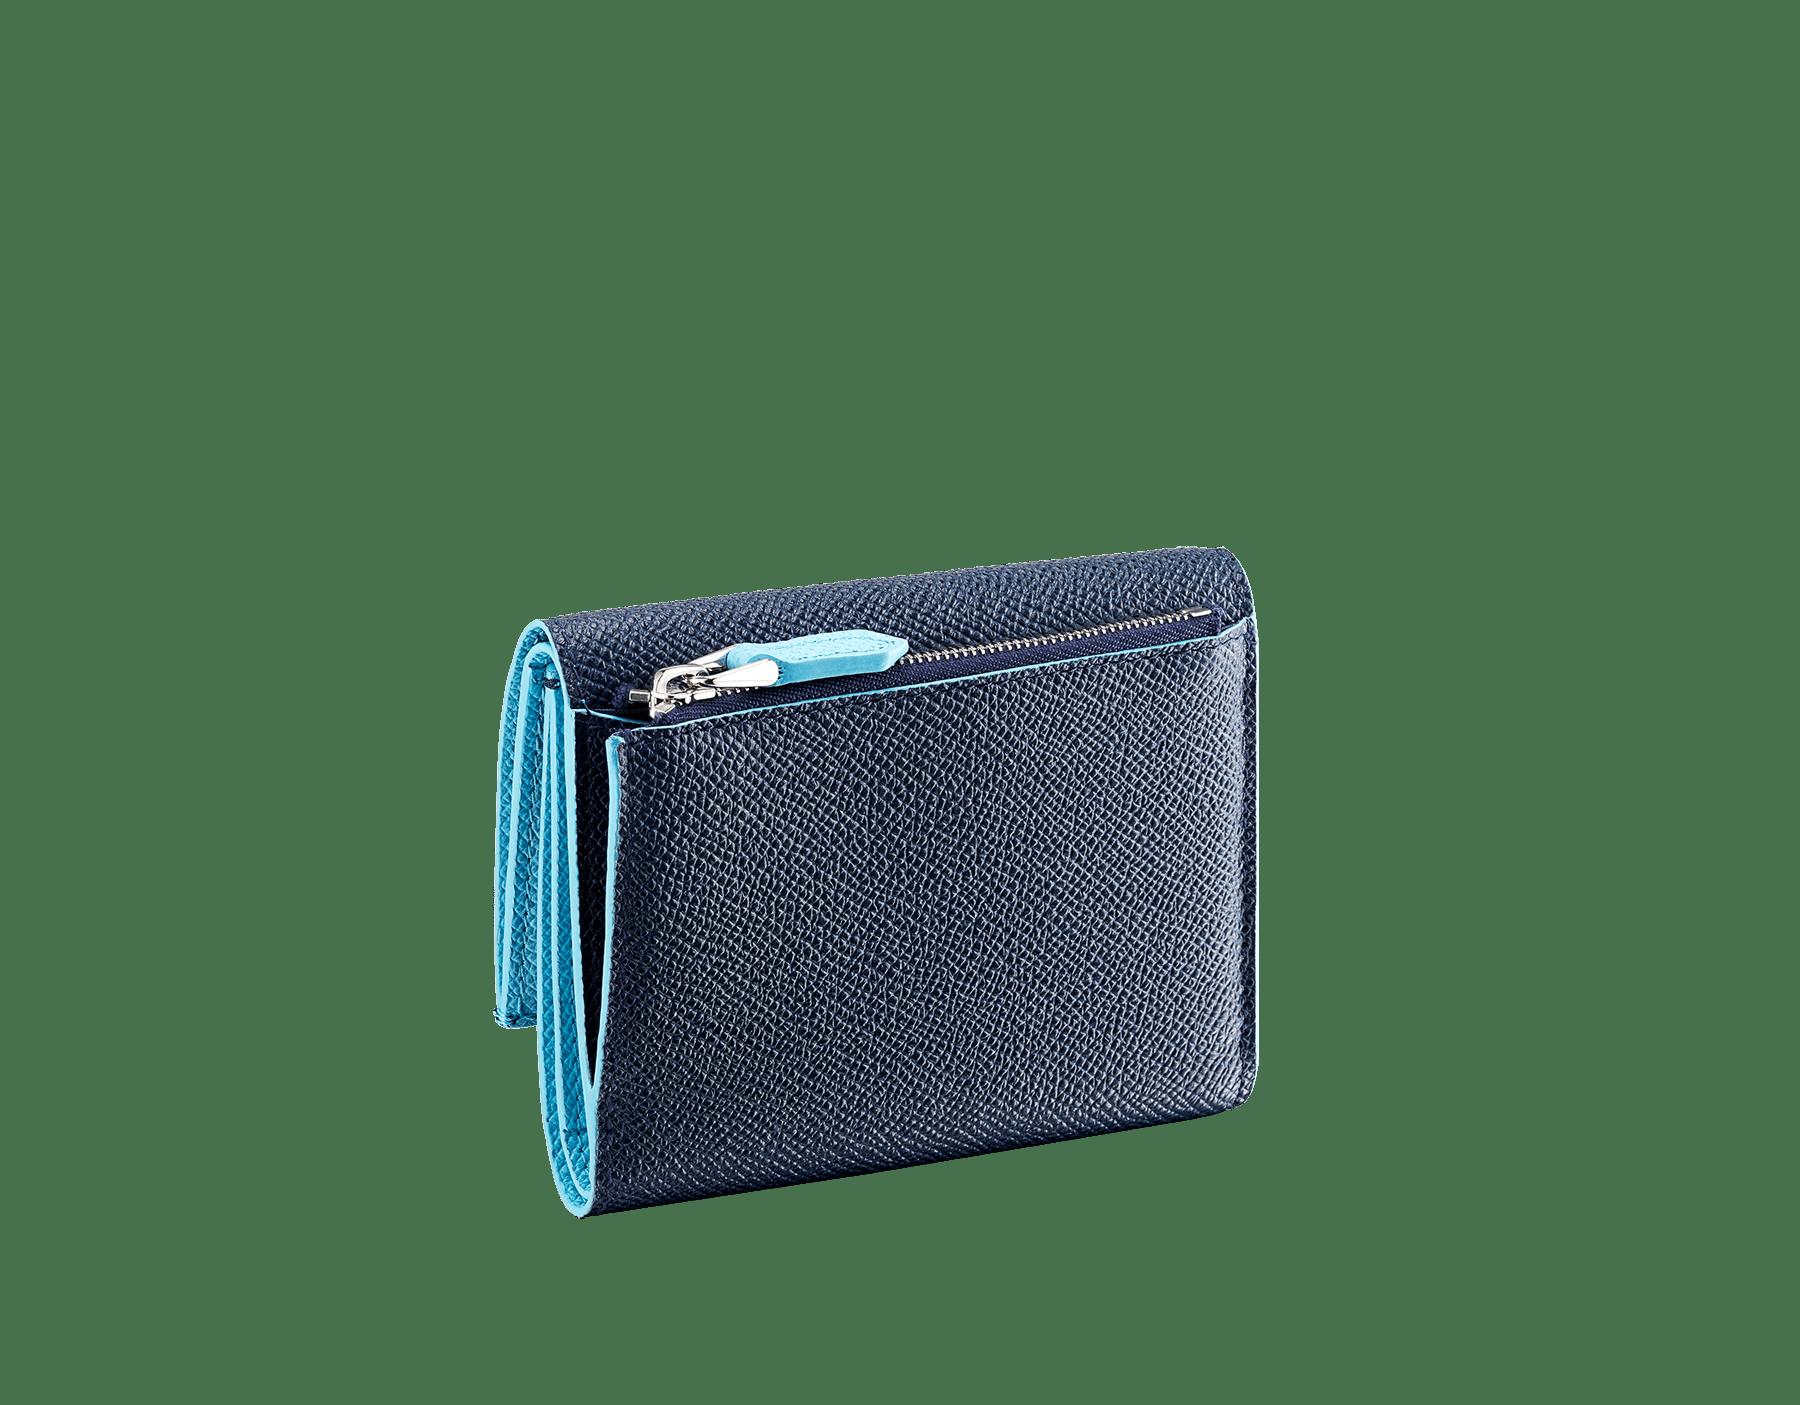 Portefeuille compact pour homme BVLGARI BVLGARI en cuir de veau grainé couleur bleu Denim Sapphire et couleur bleu clair Aegean Topaz. Fermoir emblématique orné du logo Bvlgari en laiton. BCM-YENCOMPACTZP image 3